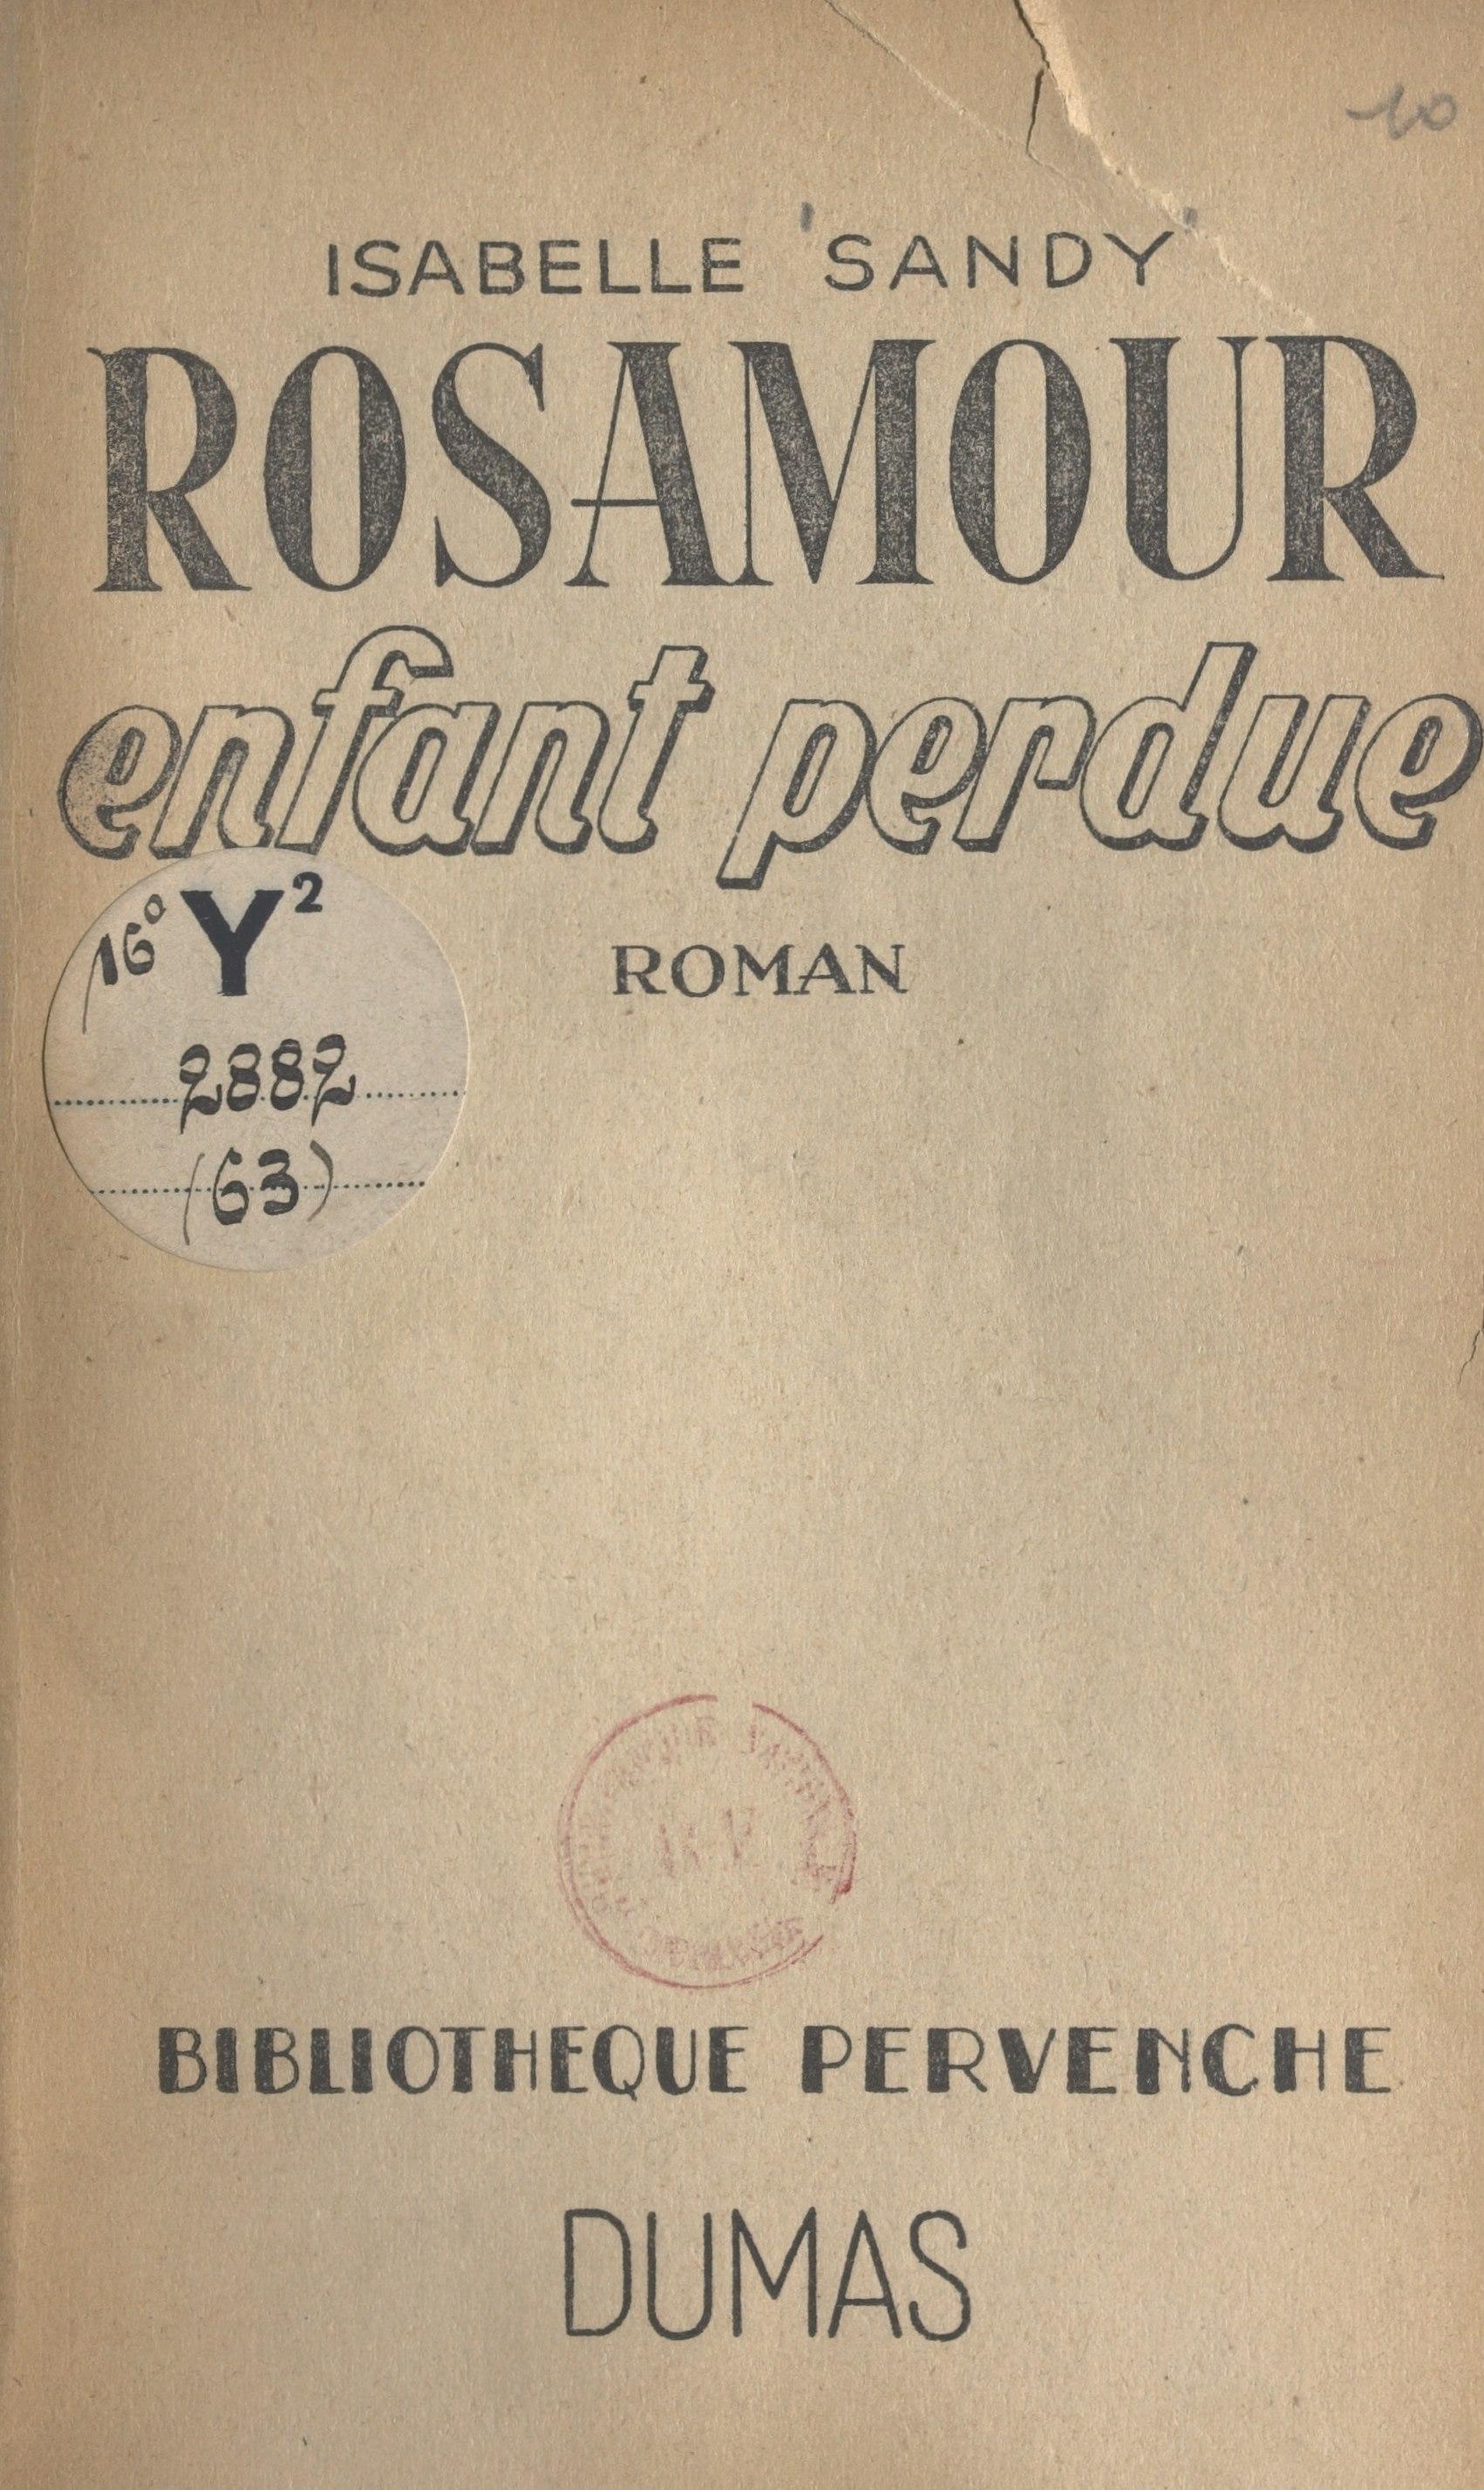 Rosamour, enfant perdue